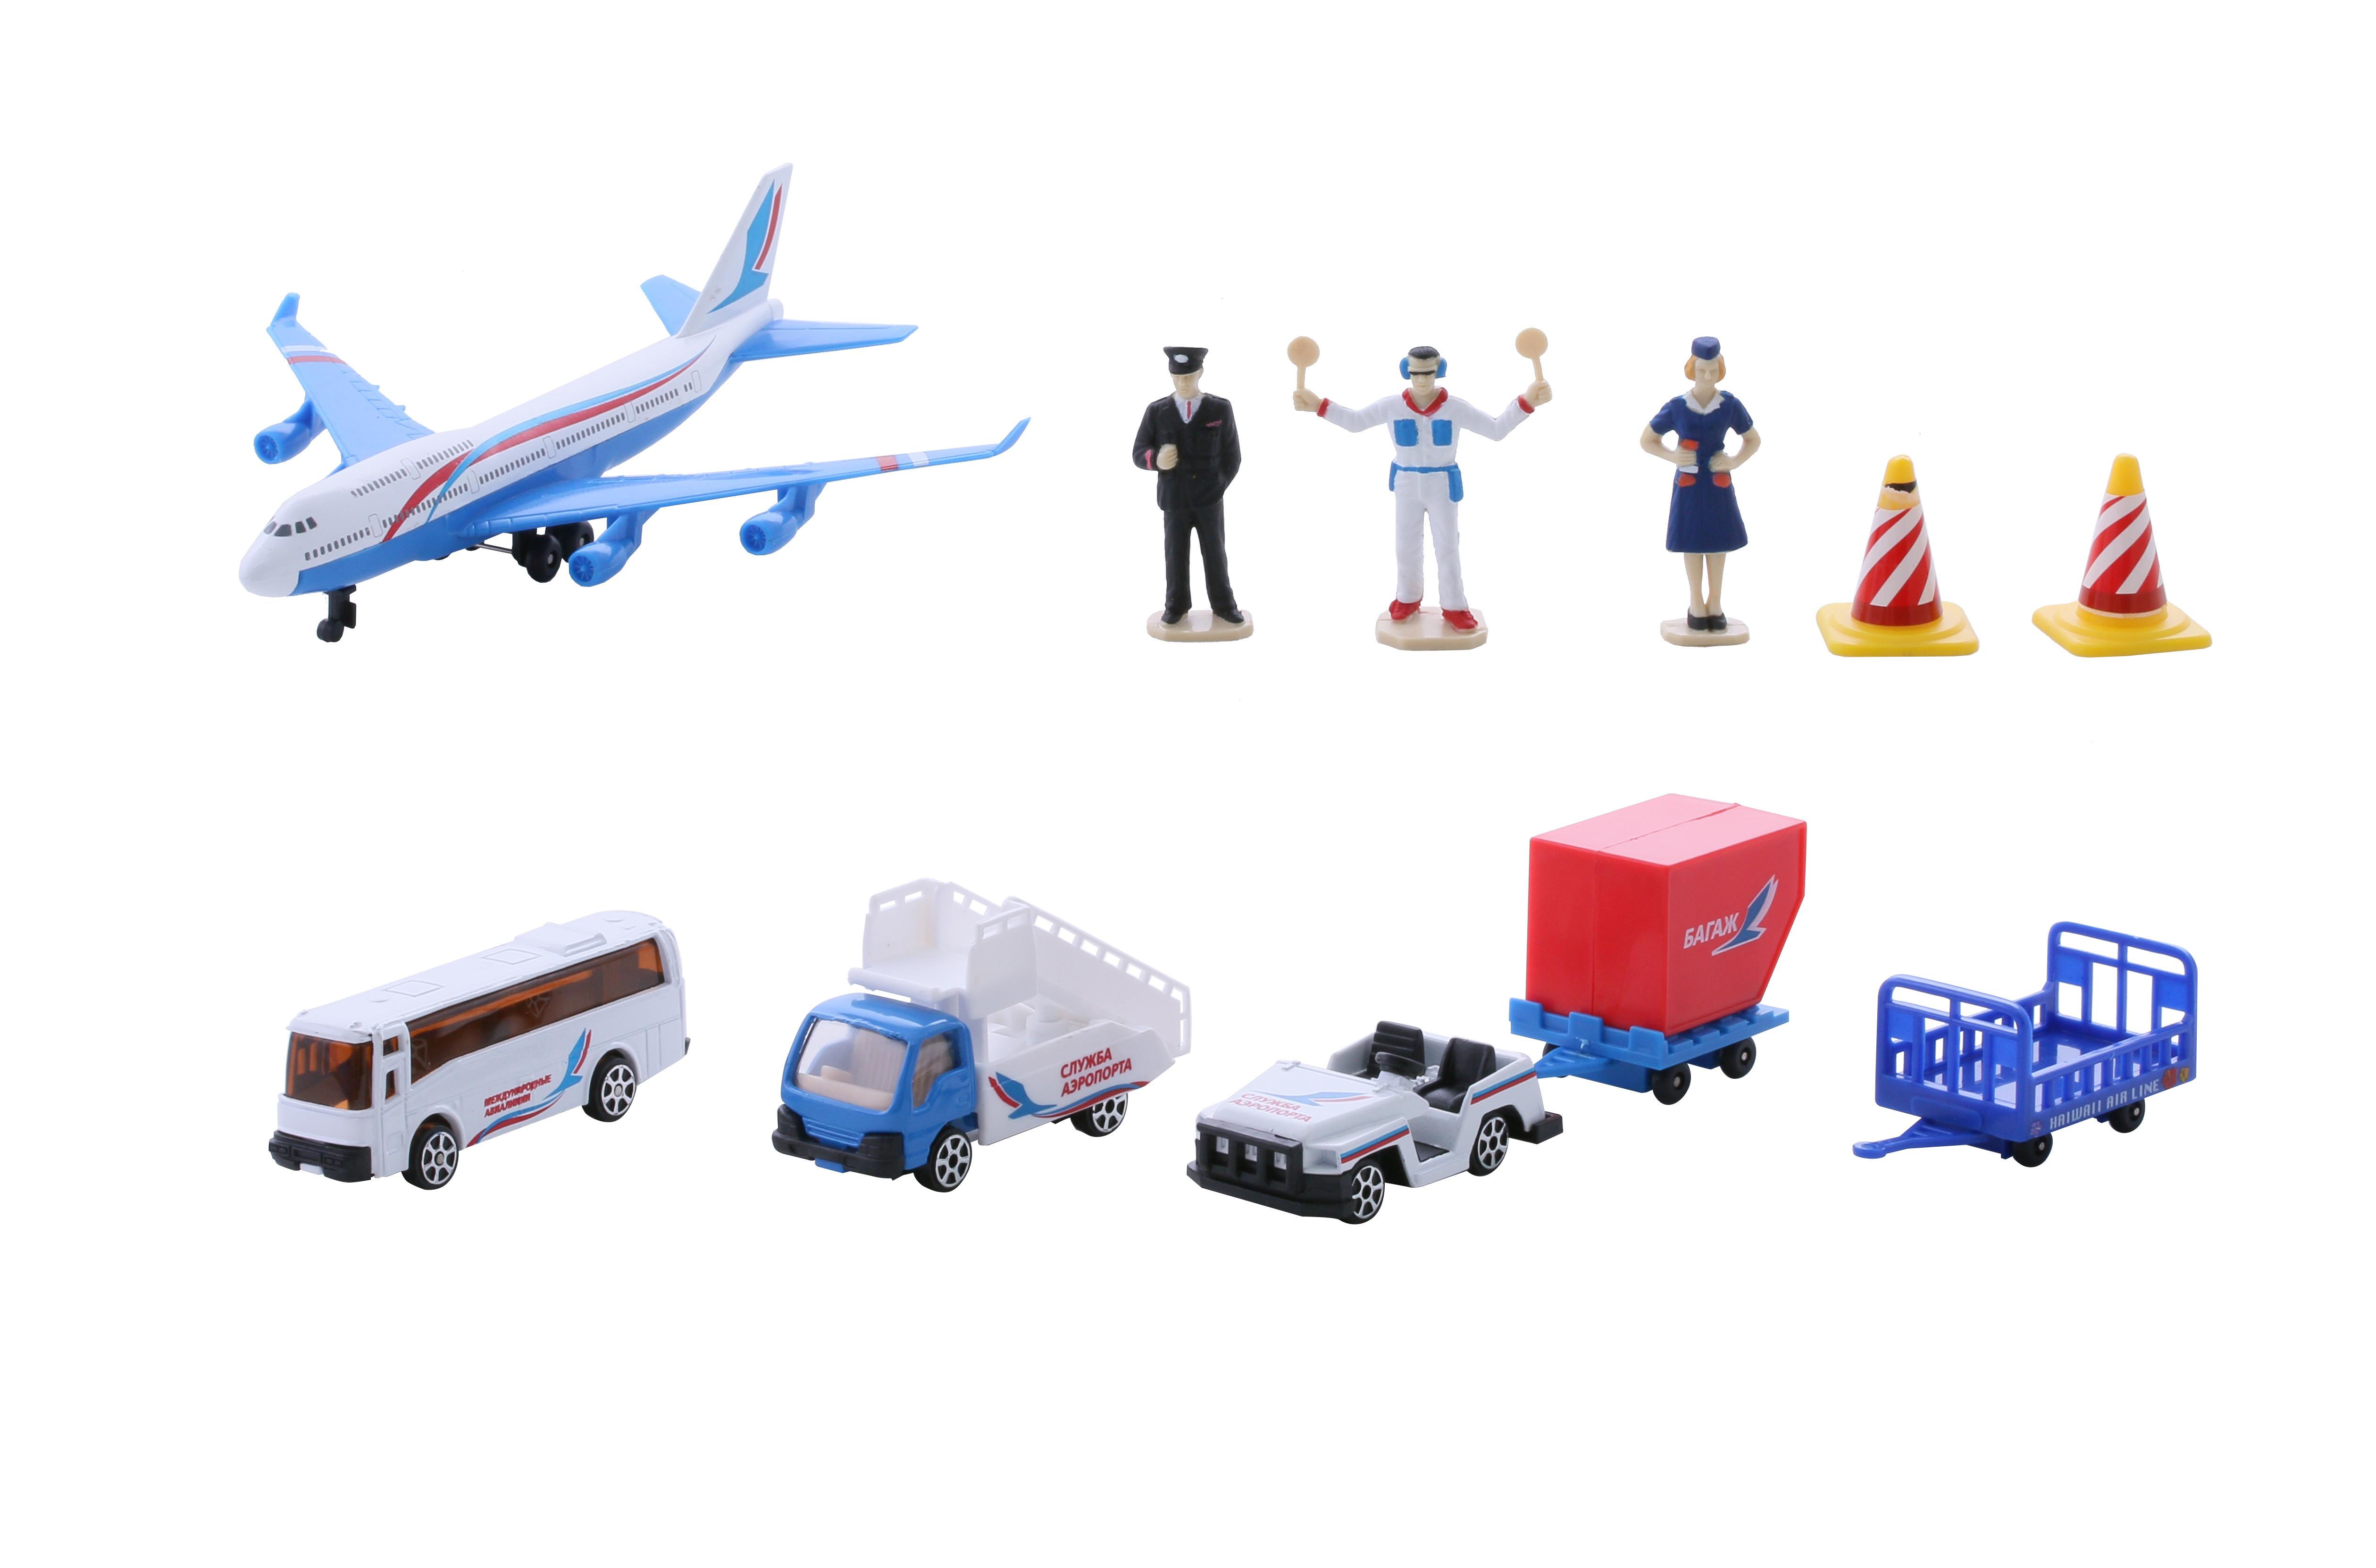 Игровой набор WinCars Аэропорт с аксессуарами 1:100 игровые наборы dickie игровой набор аэропорт